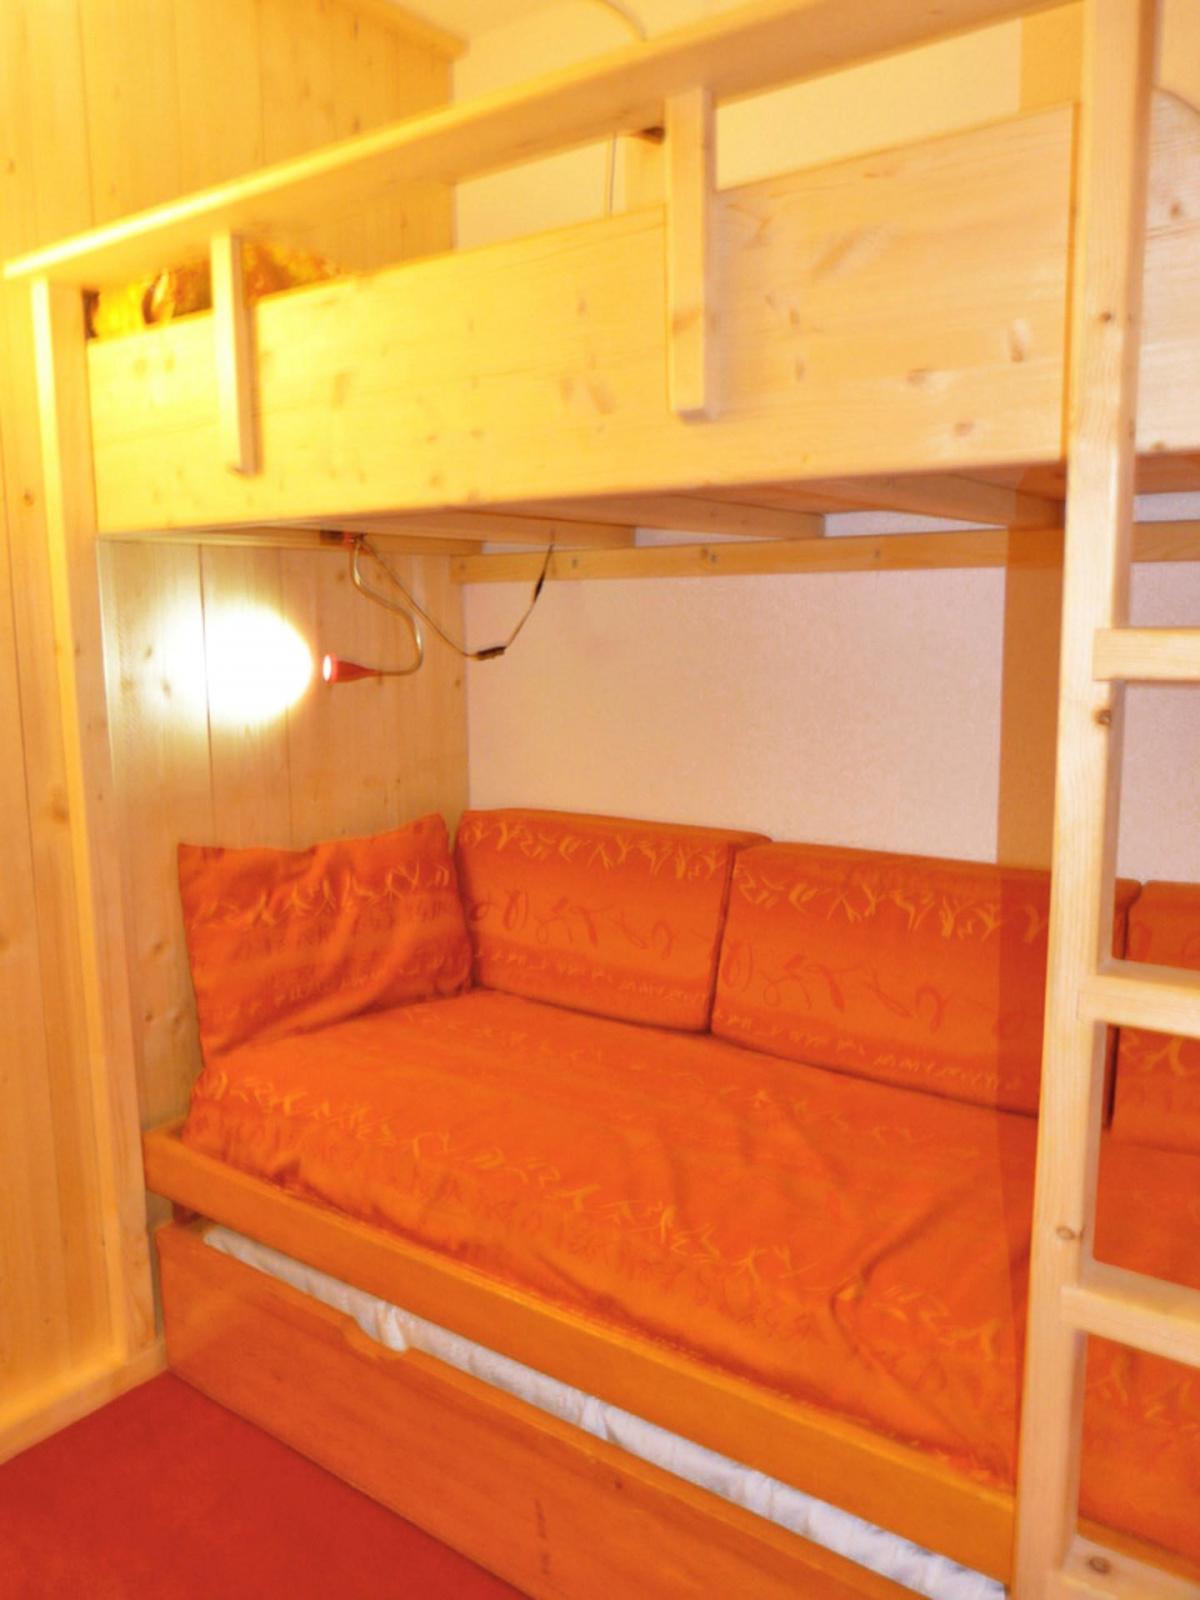 Location au ski Studio cabine 4 personnes (A2M156) - Residence Aime 2000 - Le Diamant - La Plagne - Lits superposés